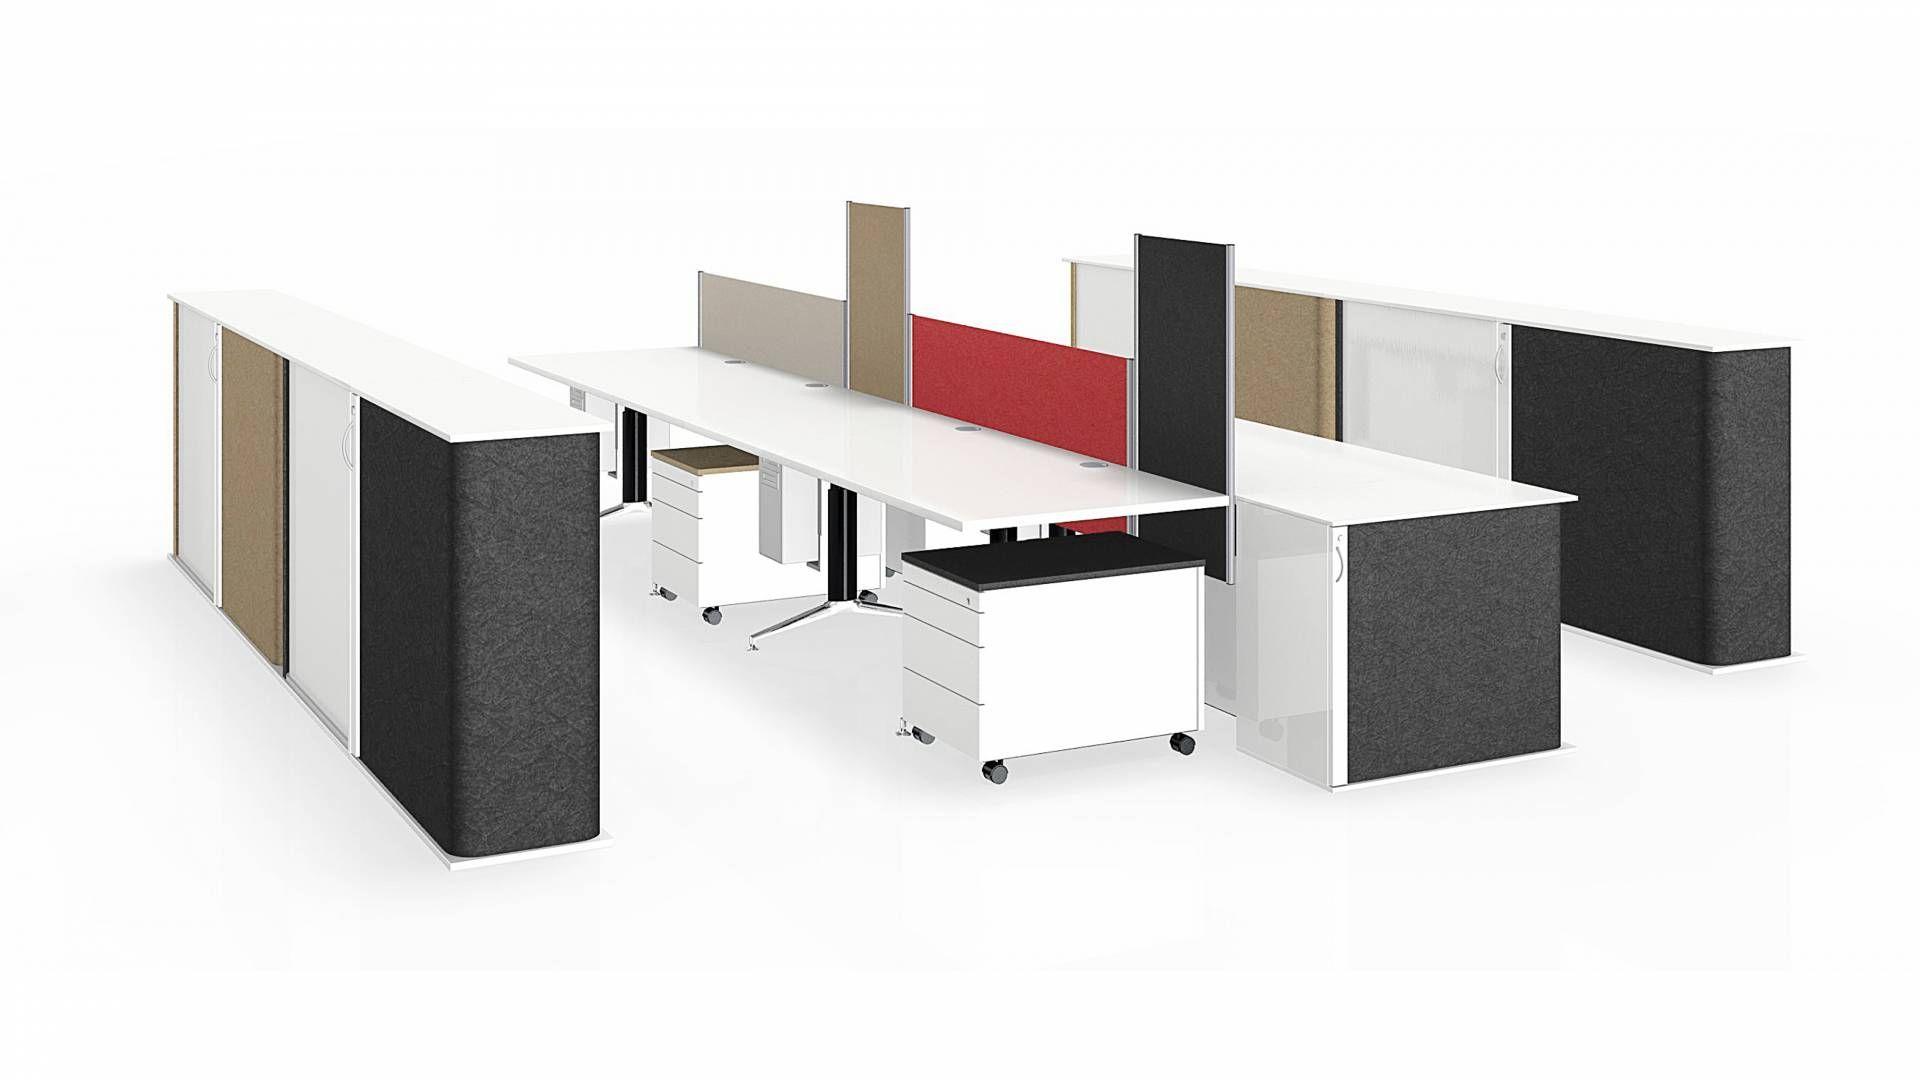 Emejing Design Schallabsorber Trennwande Gallery - Einrichtungs ...